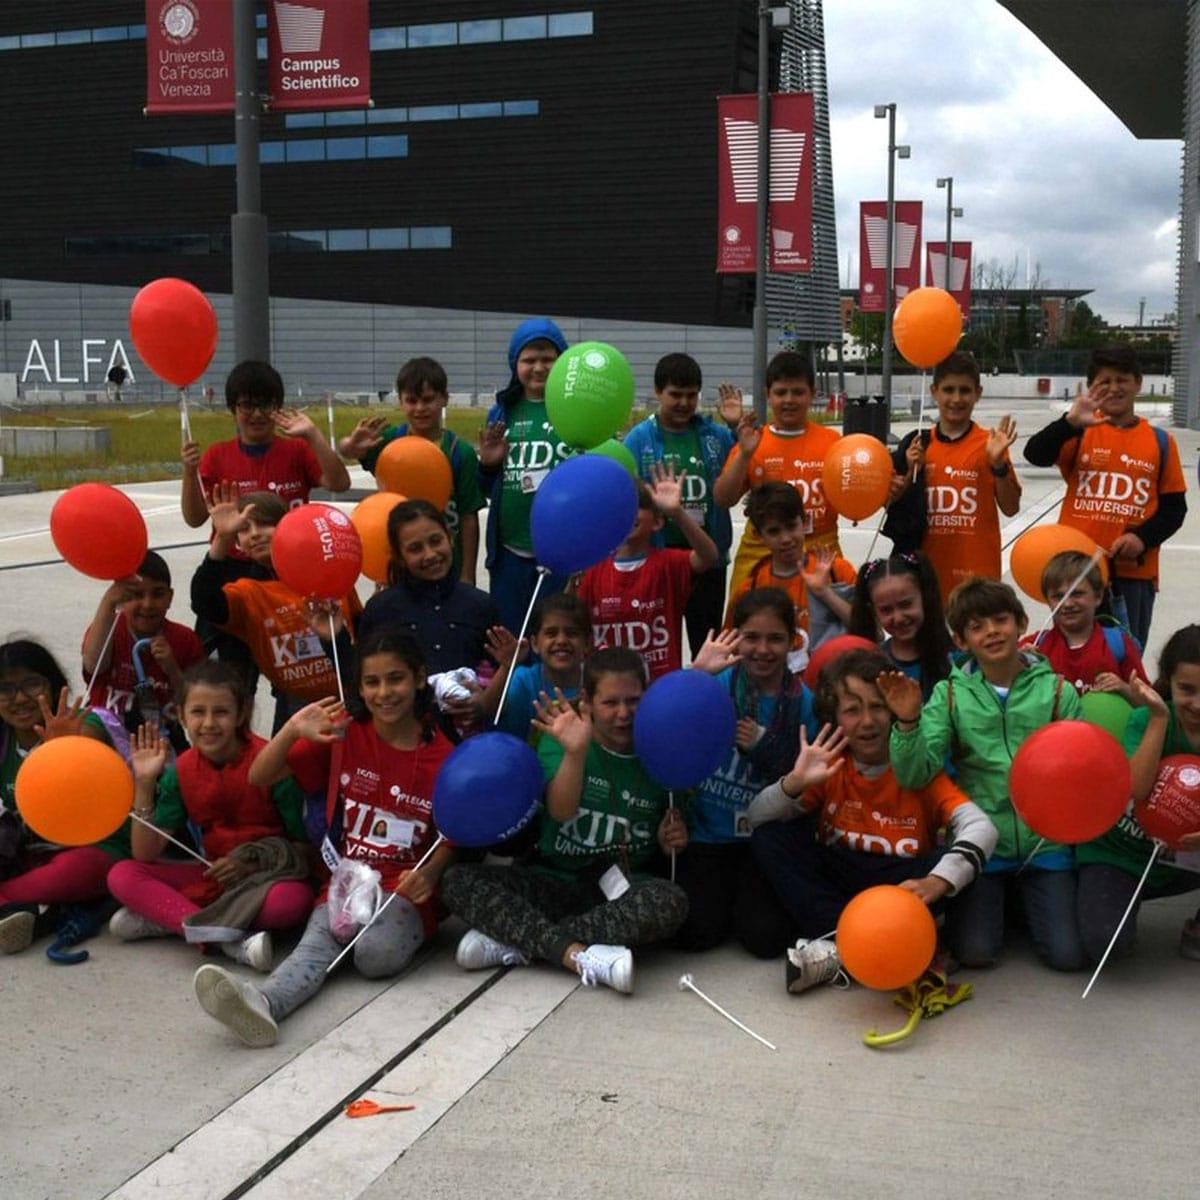 immagine articolo kids university